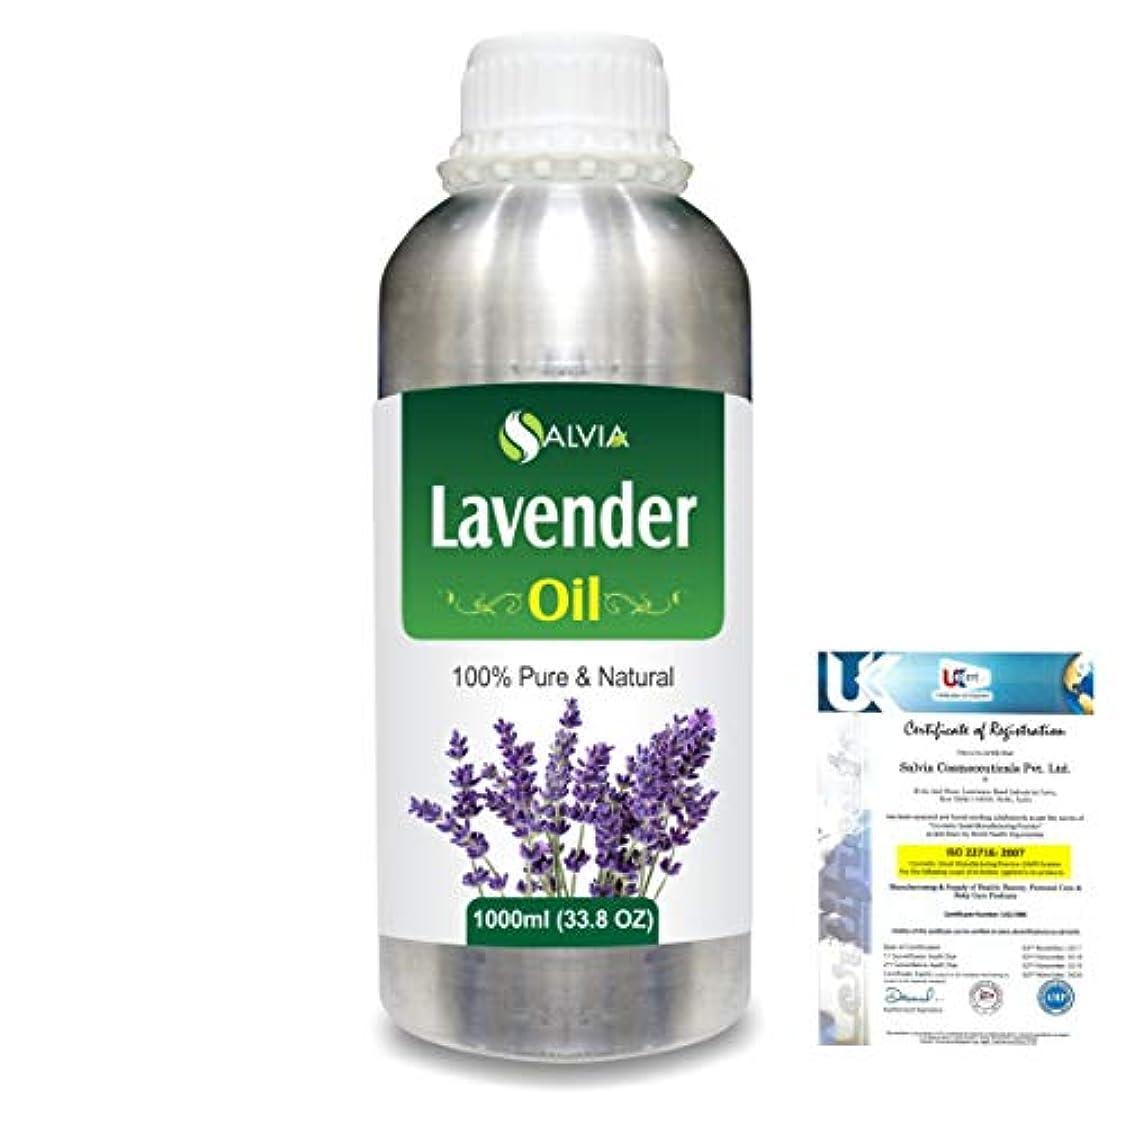 アンプ乳白影響力のあるLavender (Lavandula officinalis) 100% Natural Pure Essential Oil 1000ml/33.8fl.oz.